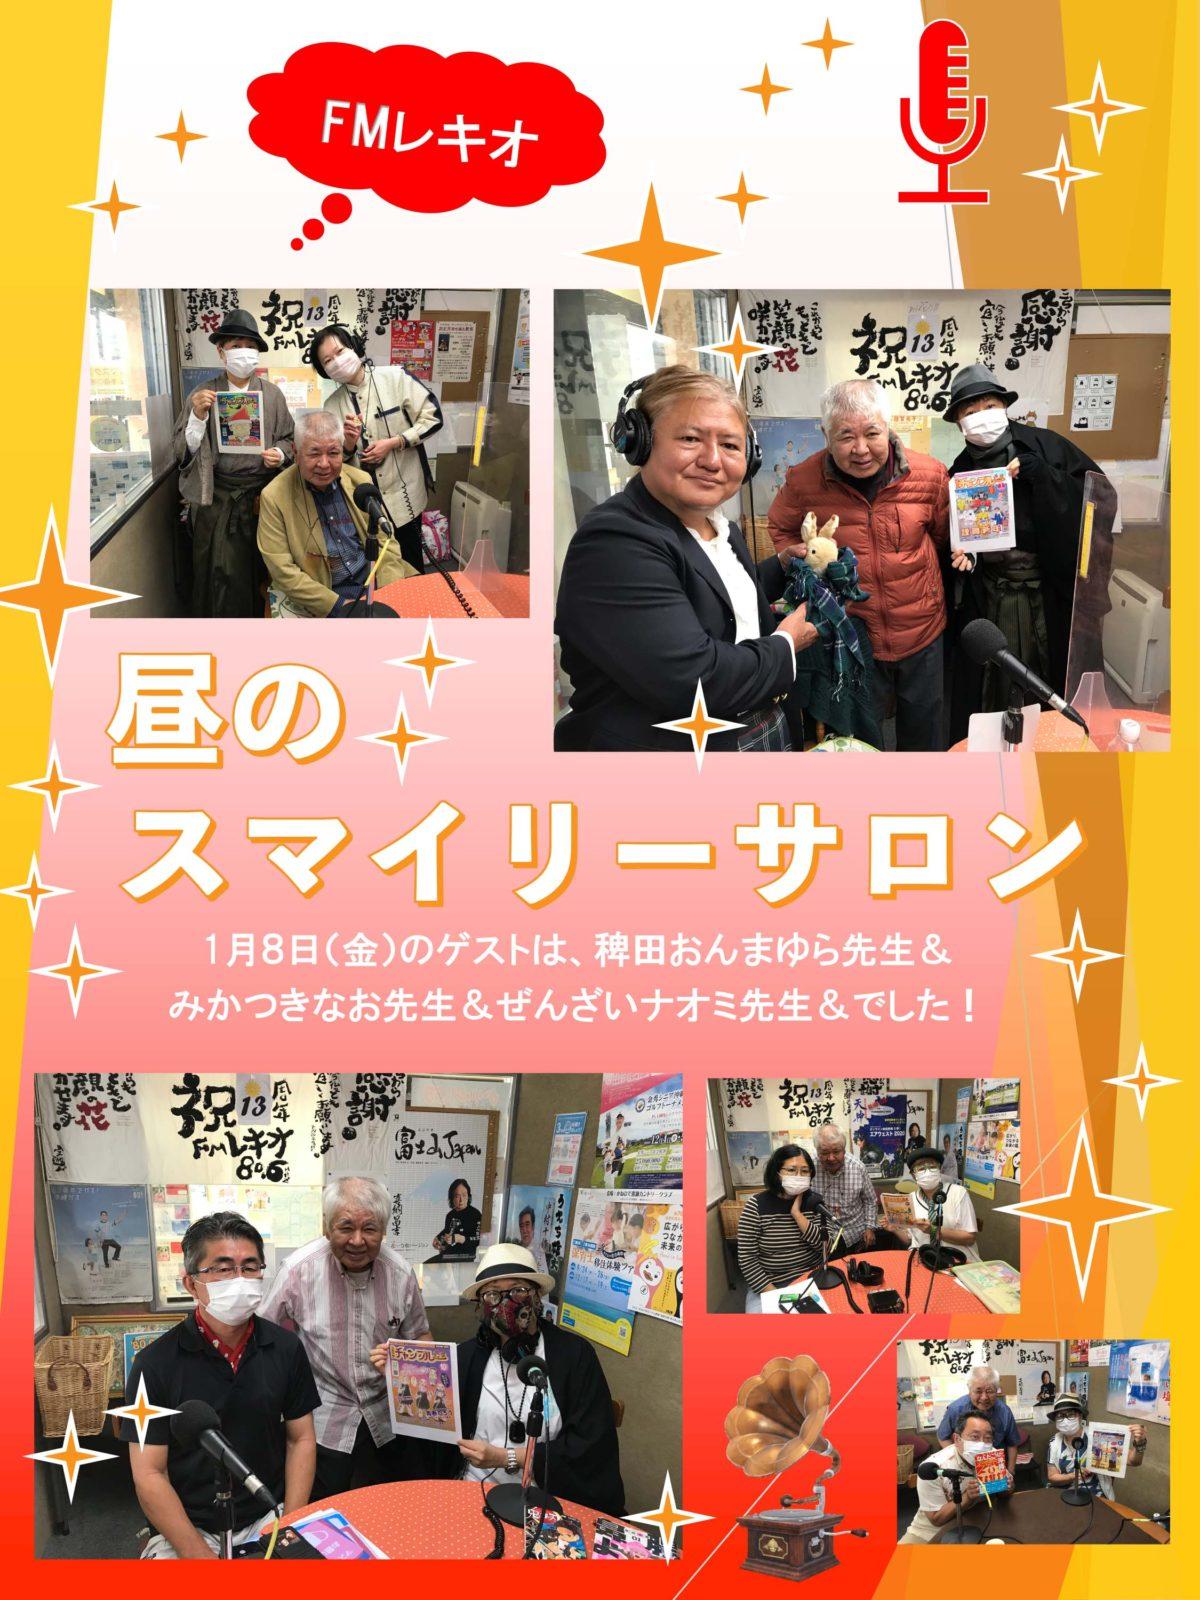 ゲストは「12星座占い」の稗田おんまゆら先生と、みかつきなお先生&ぜんざいナオミ先生でした!『昼のスマイリーサロン』1月8日(金)放送